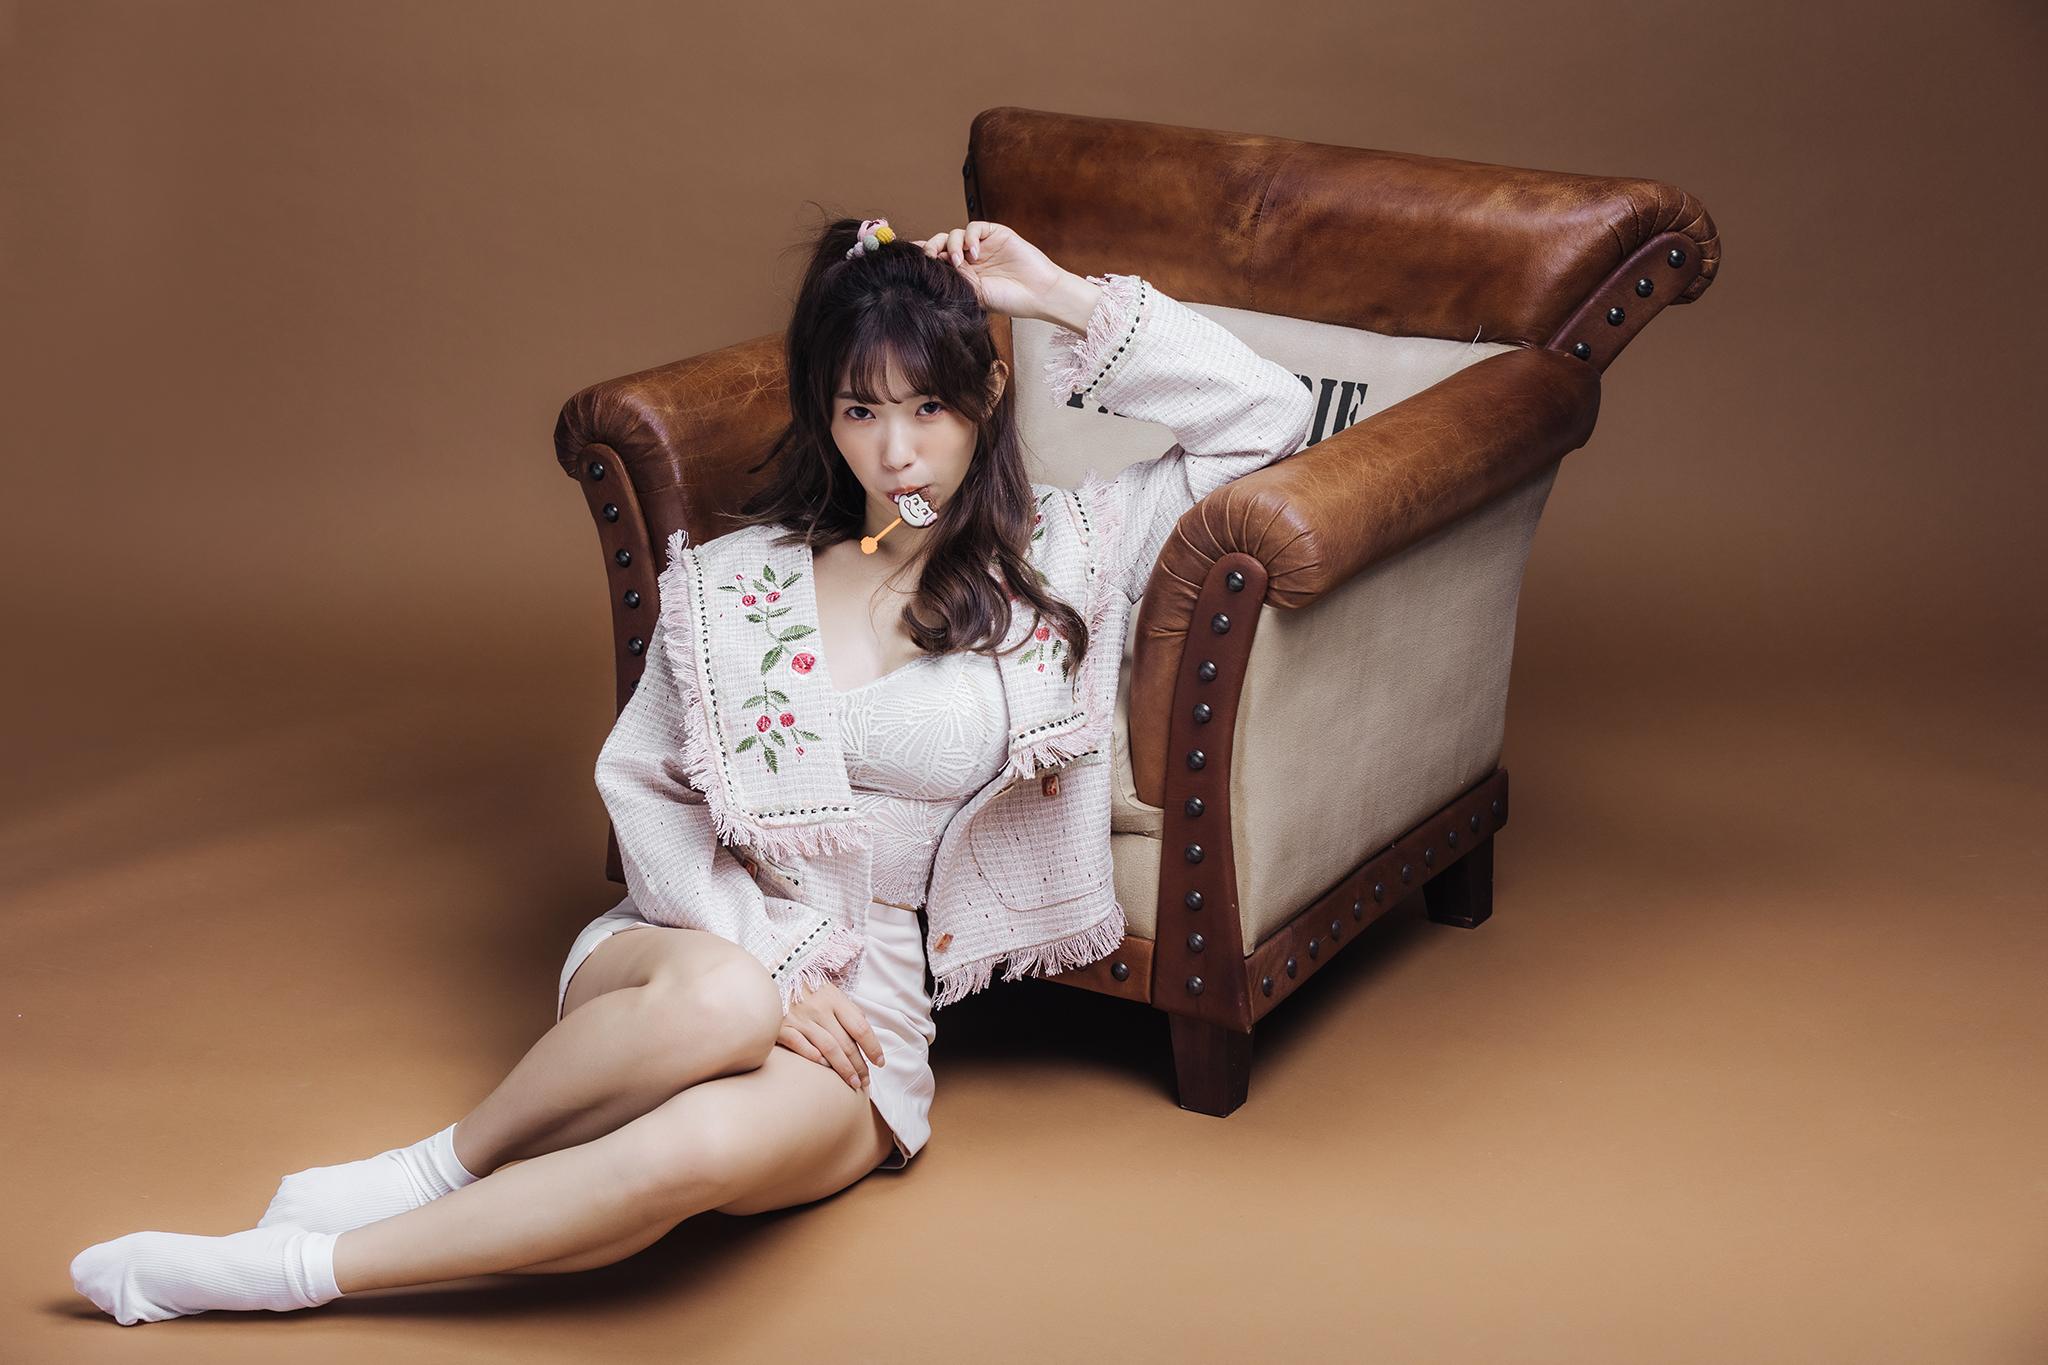 51242632344 8d126e6109 o - 【形象寫真】+江Jiang+